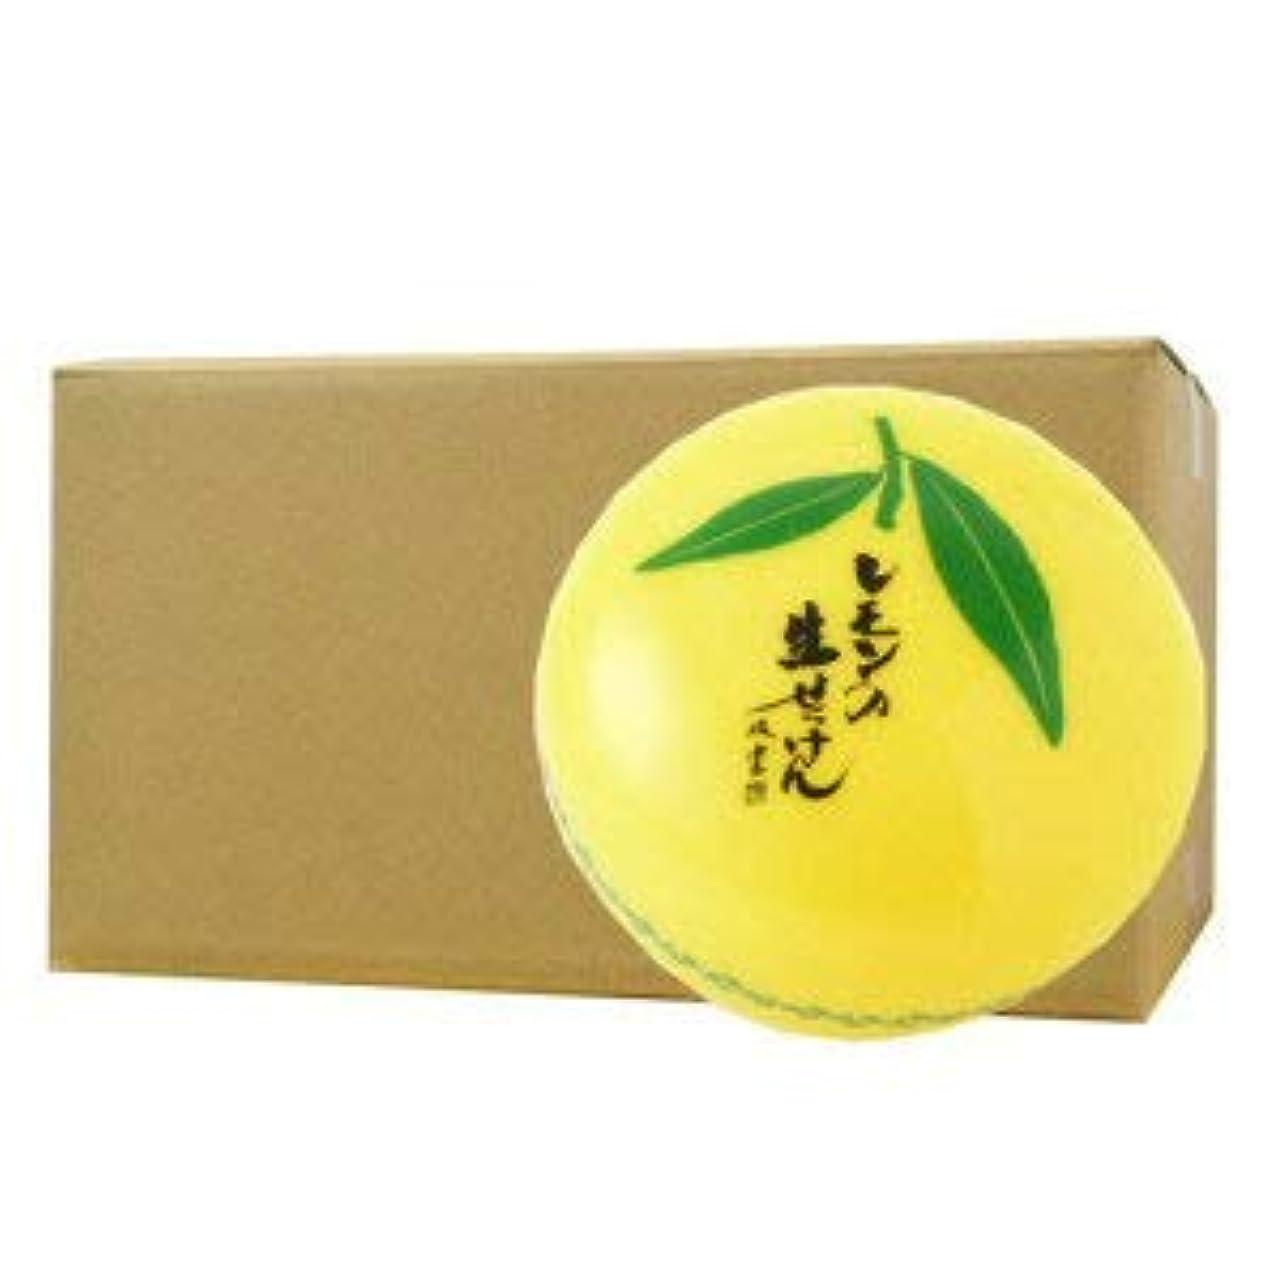 ささいな雑草安息UYEKI美香柑レモンの生せっけん50g×72個セット